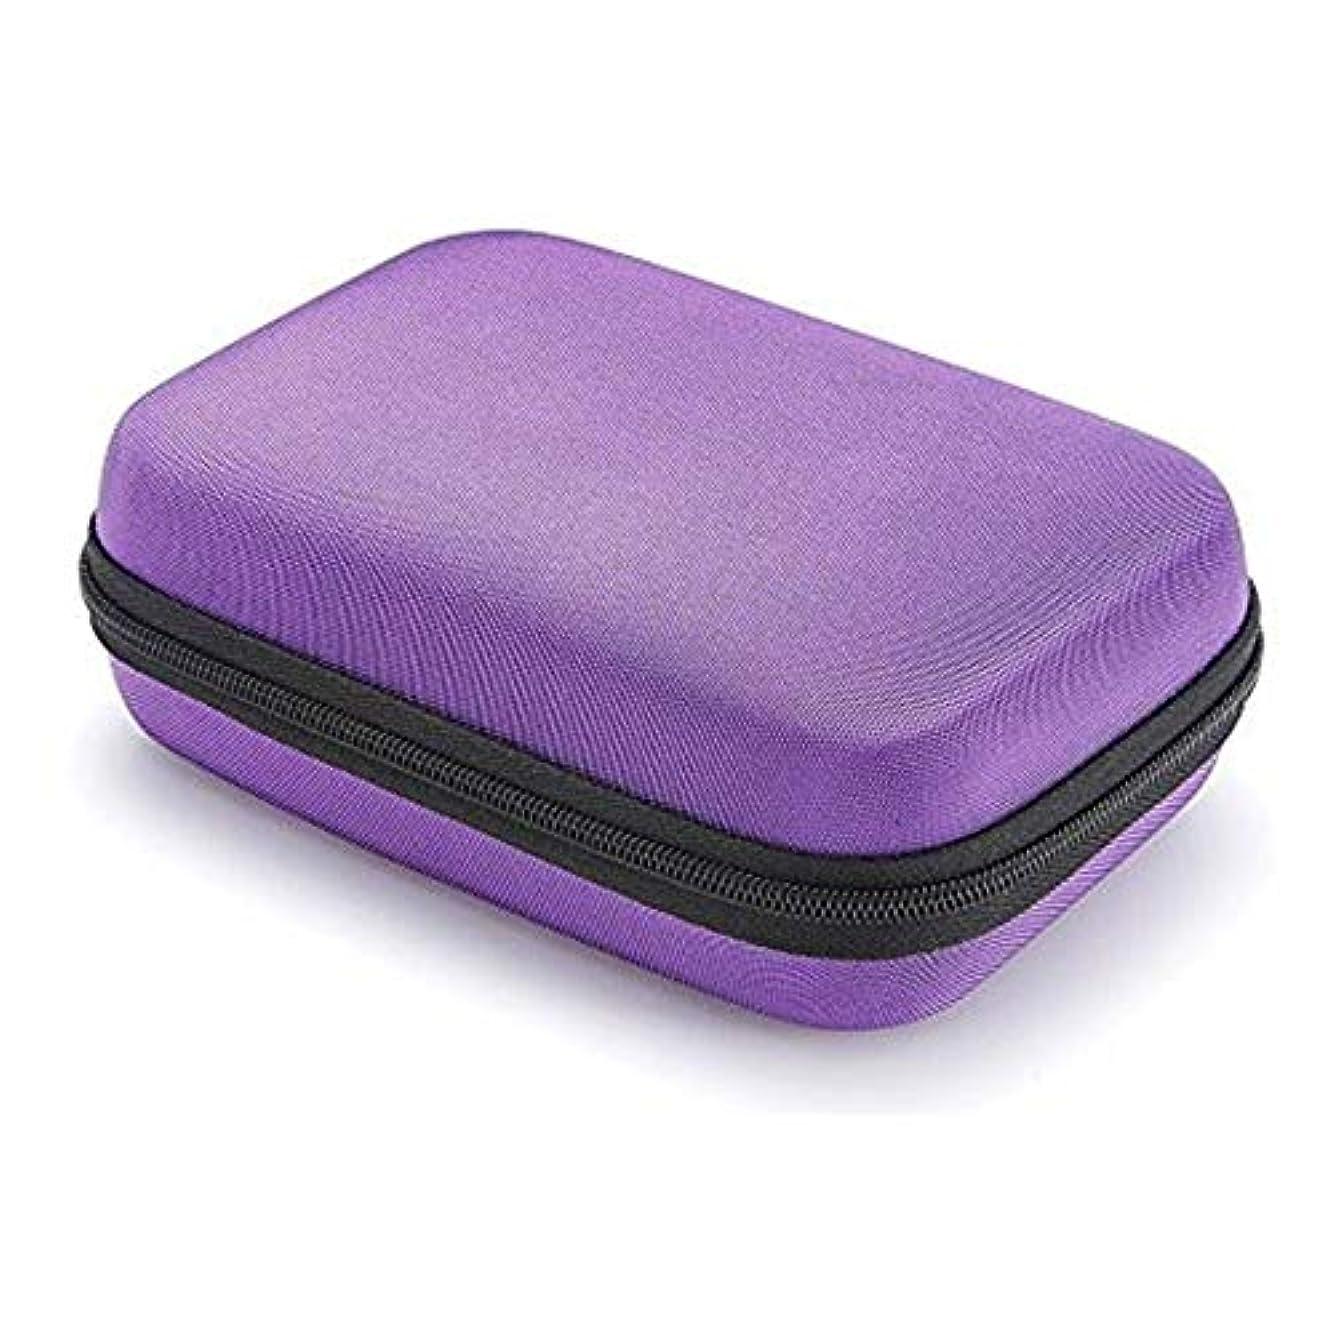 診療所理由トマトエッセンシャルオイル収納ケース 収納バッグ 携帯用ポーチ EVA製 防水 耐衝撃性 12本入り 10ml?15mlのボルトに適用 3色選べる junexi